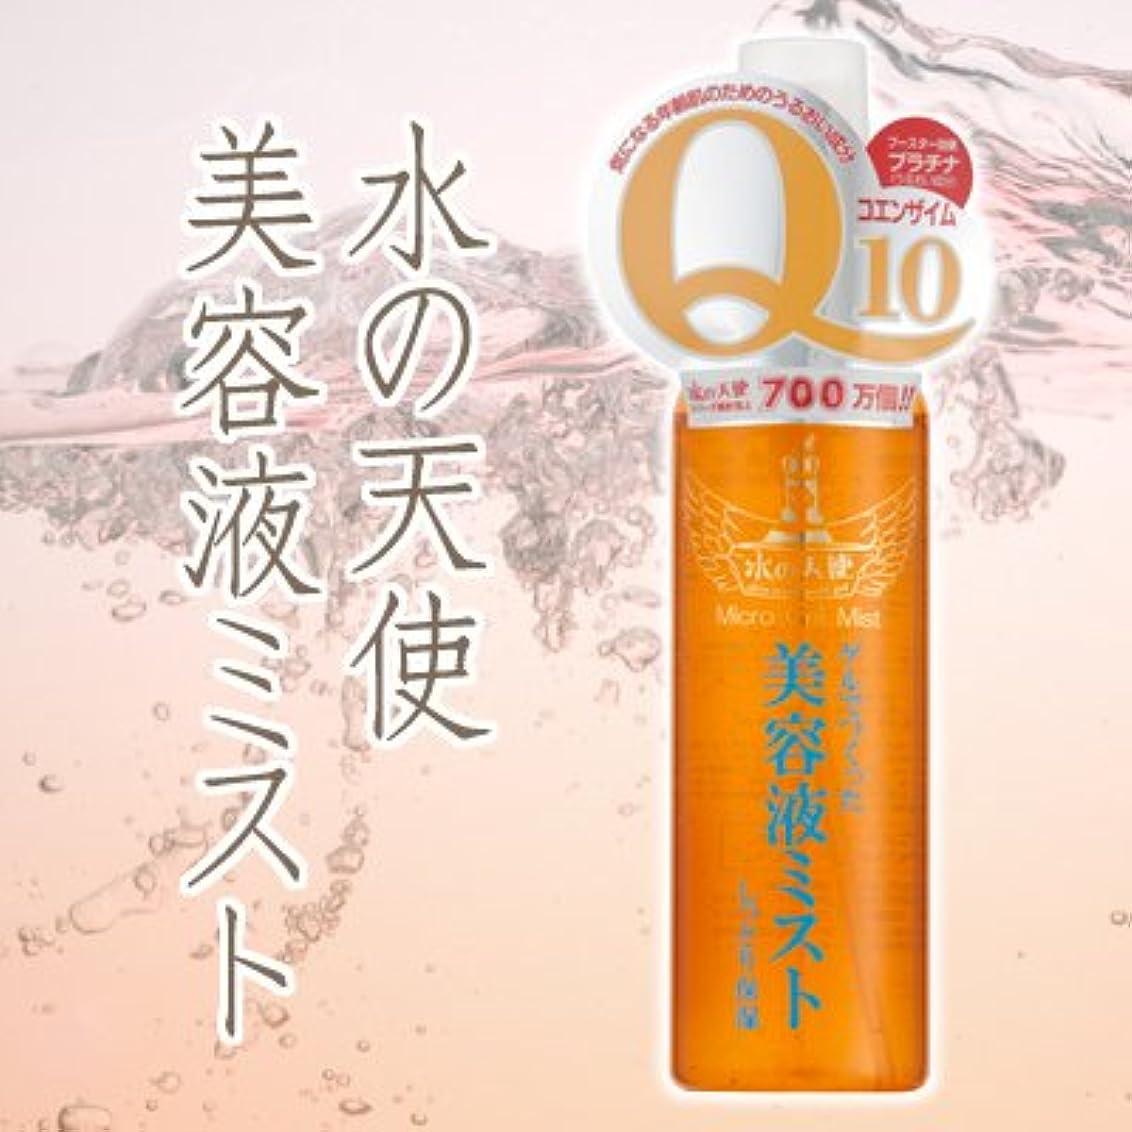 ご覧ください持ってるベーコン水の天使美容液ミスト 120ml 3個セット ※あの「水の天使」シリーズから美容液ミストが新登場!